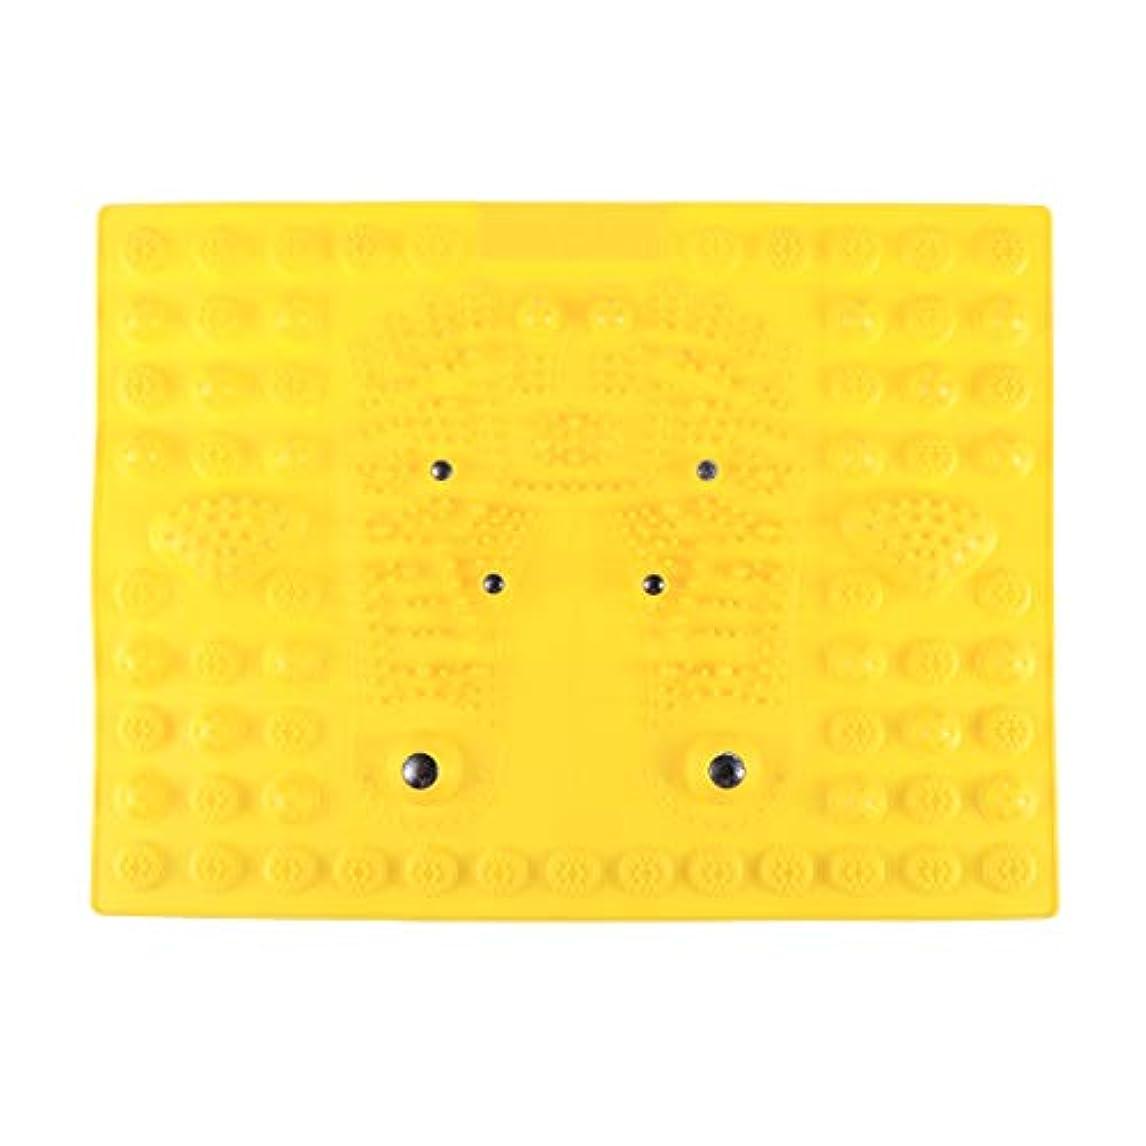 眠っているチョコレート適格SUPVOX フットマッサージマット指圧リラクゼーションリフレクソロジーマット磁気療法フィートマット(イエロー)